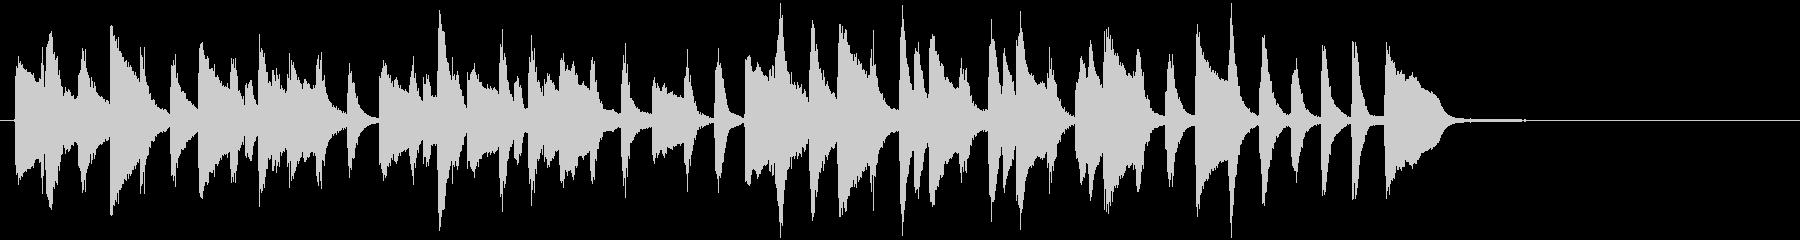 クラシックの小品のようなピアノソロの未再生の波形